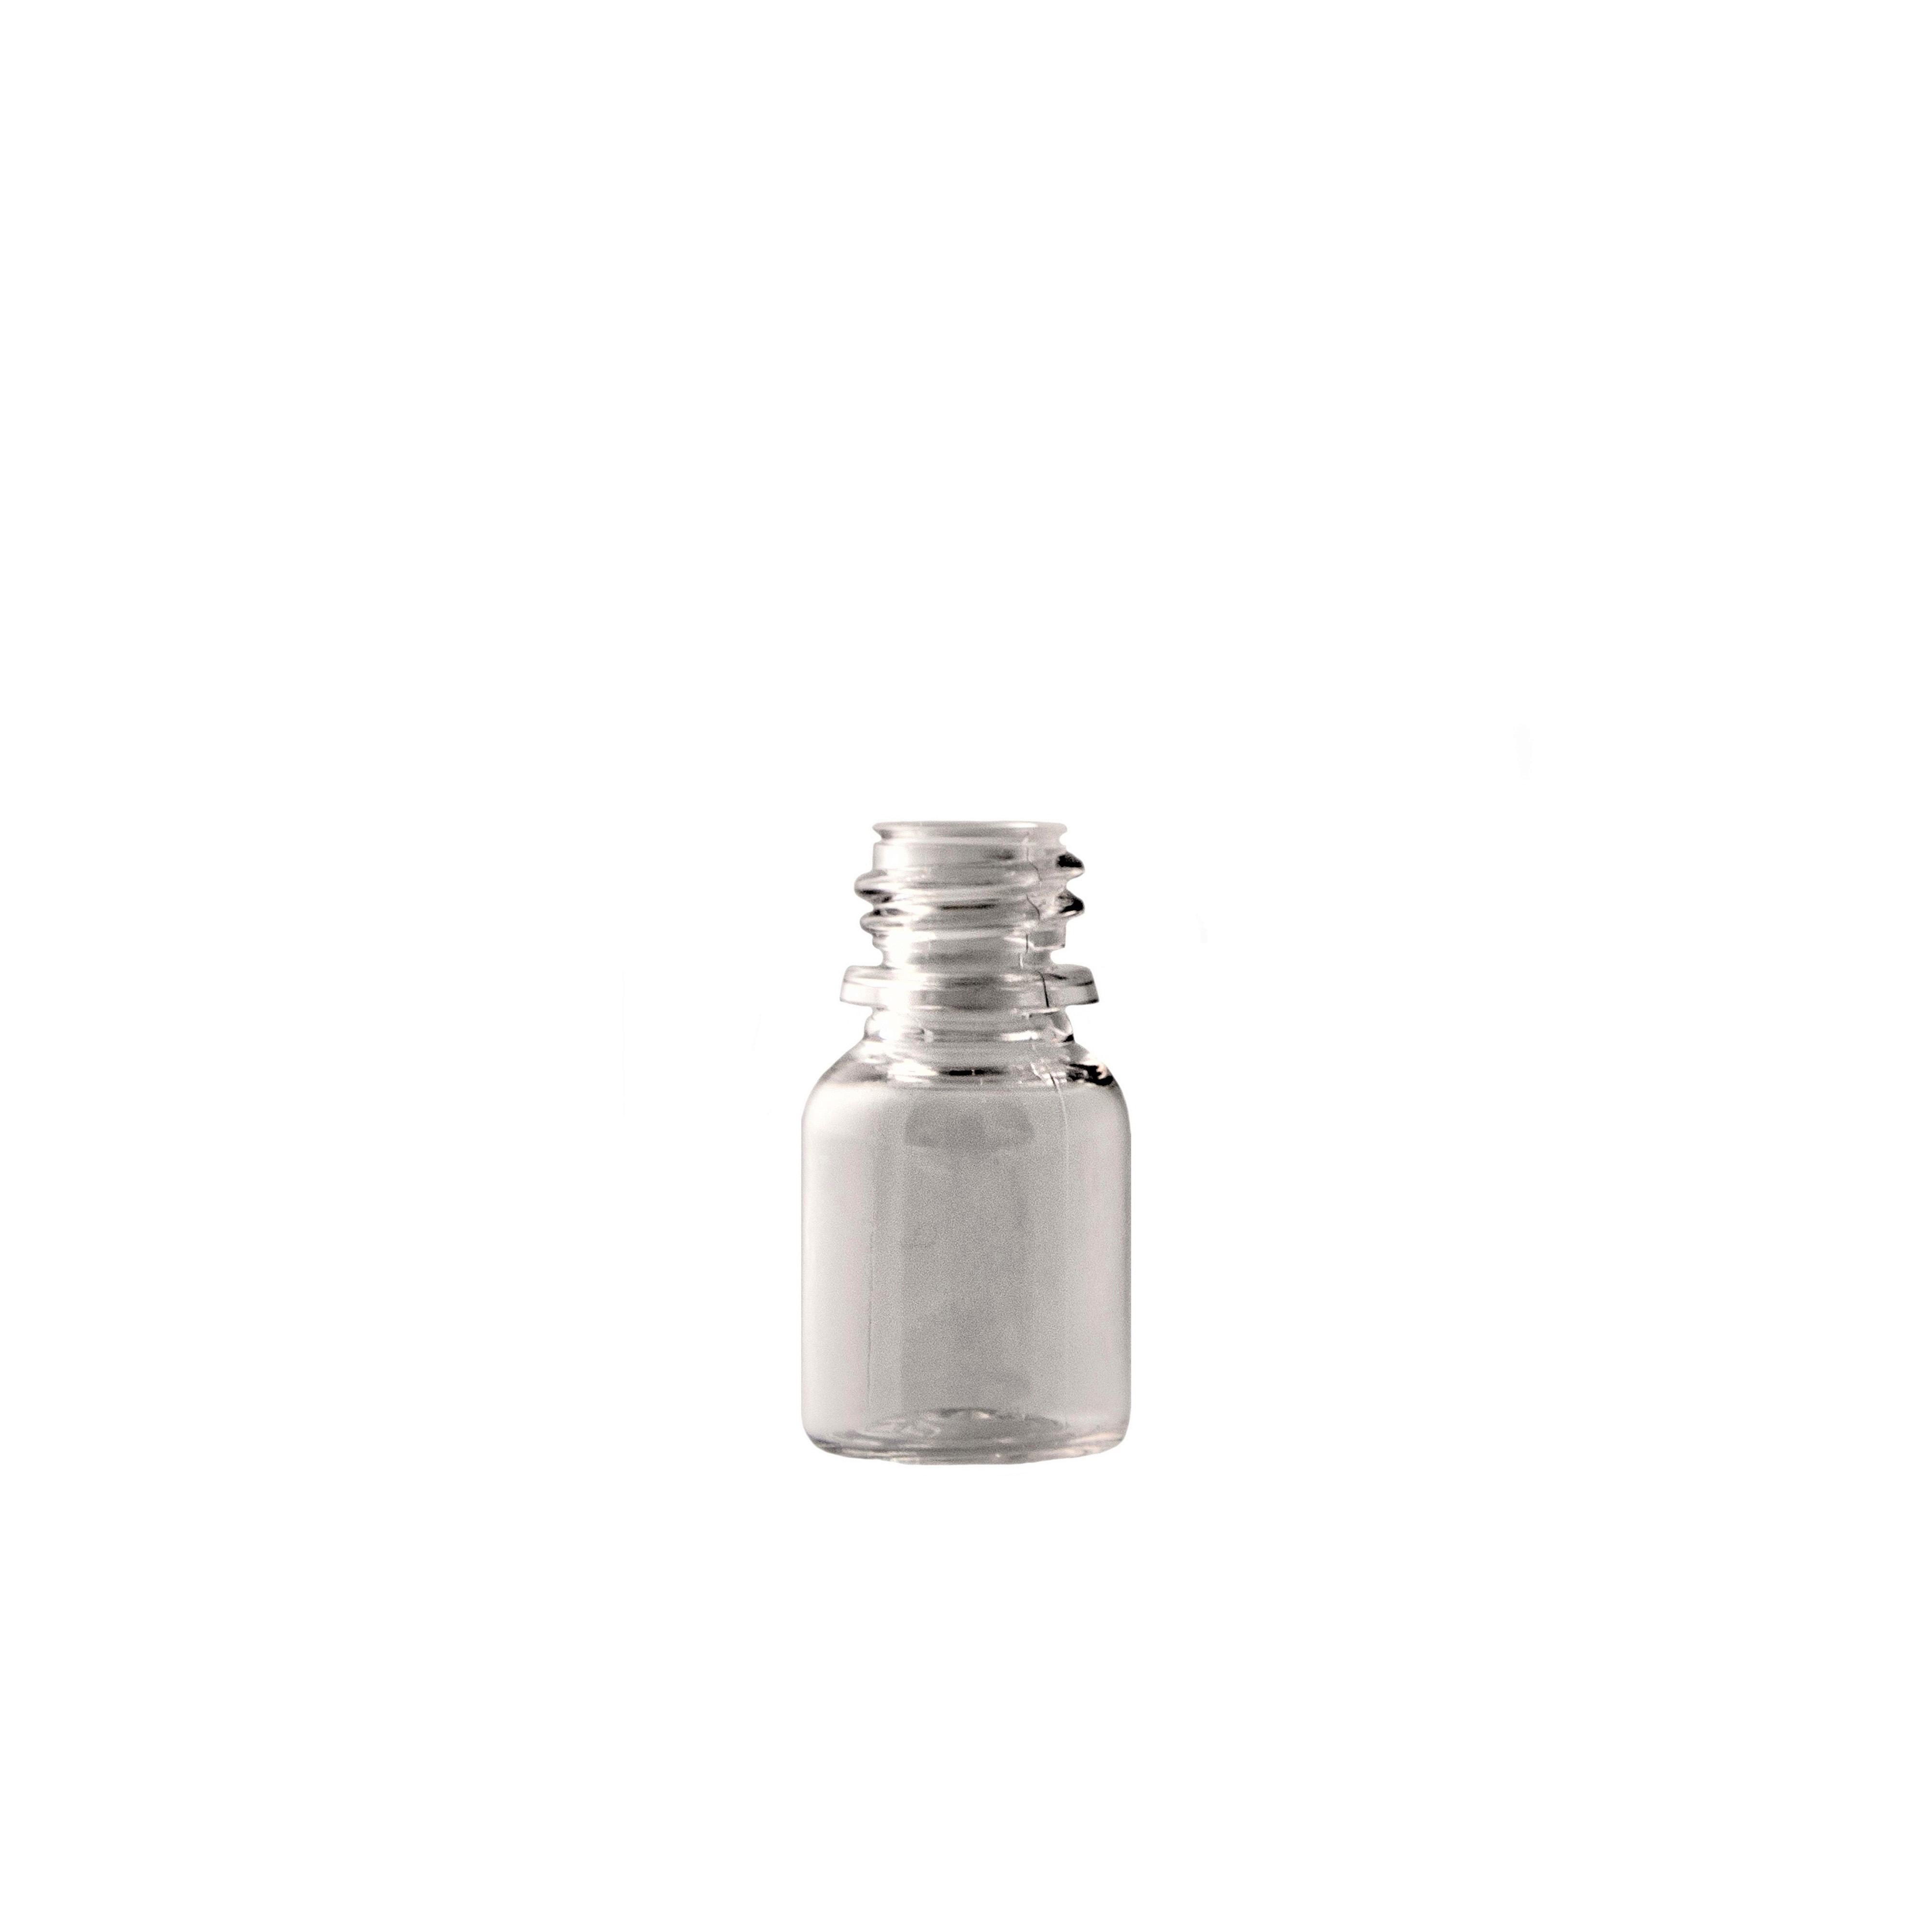 Plastflaskor 5018-0010e0001 theraphy klar 10 ml